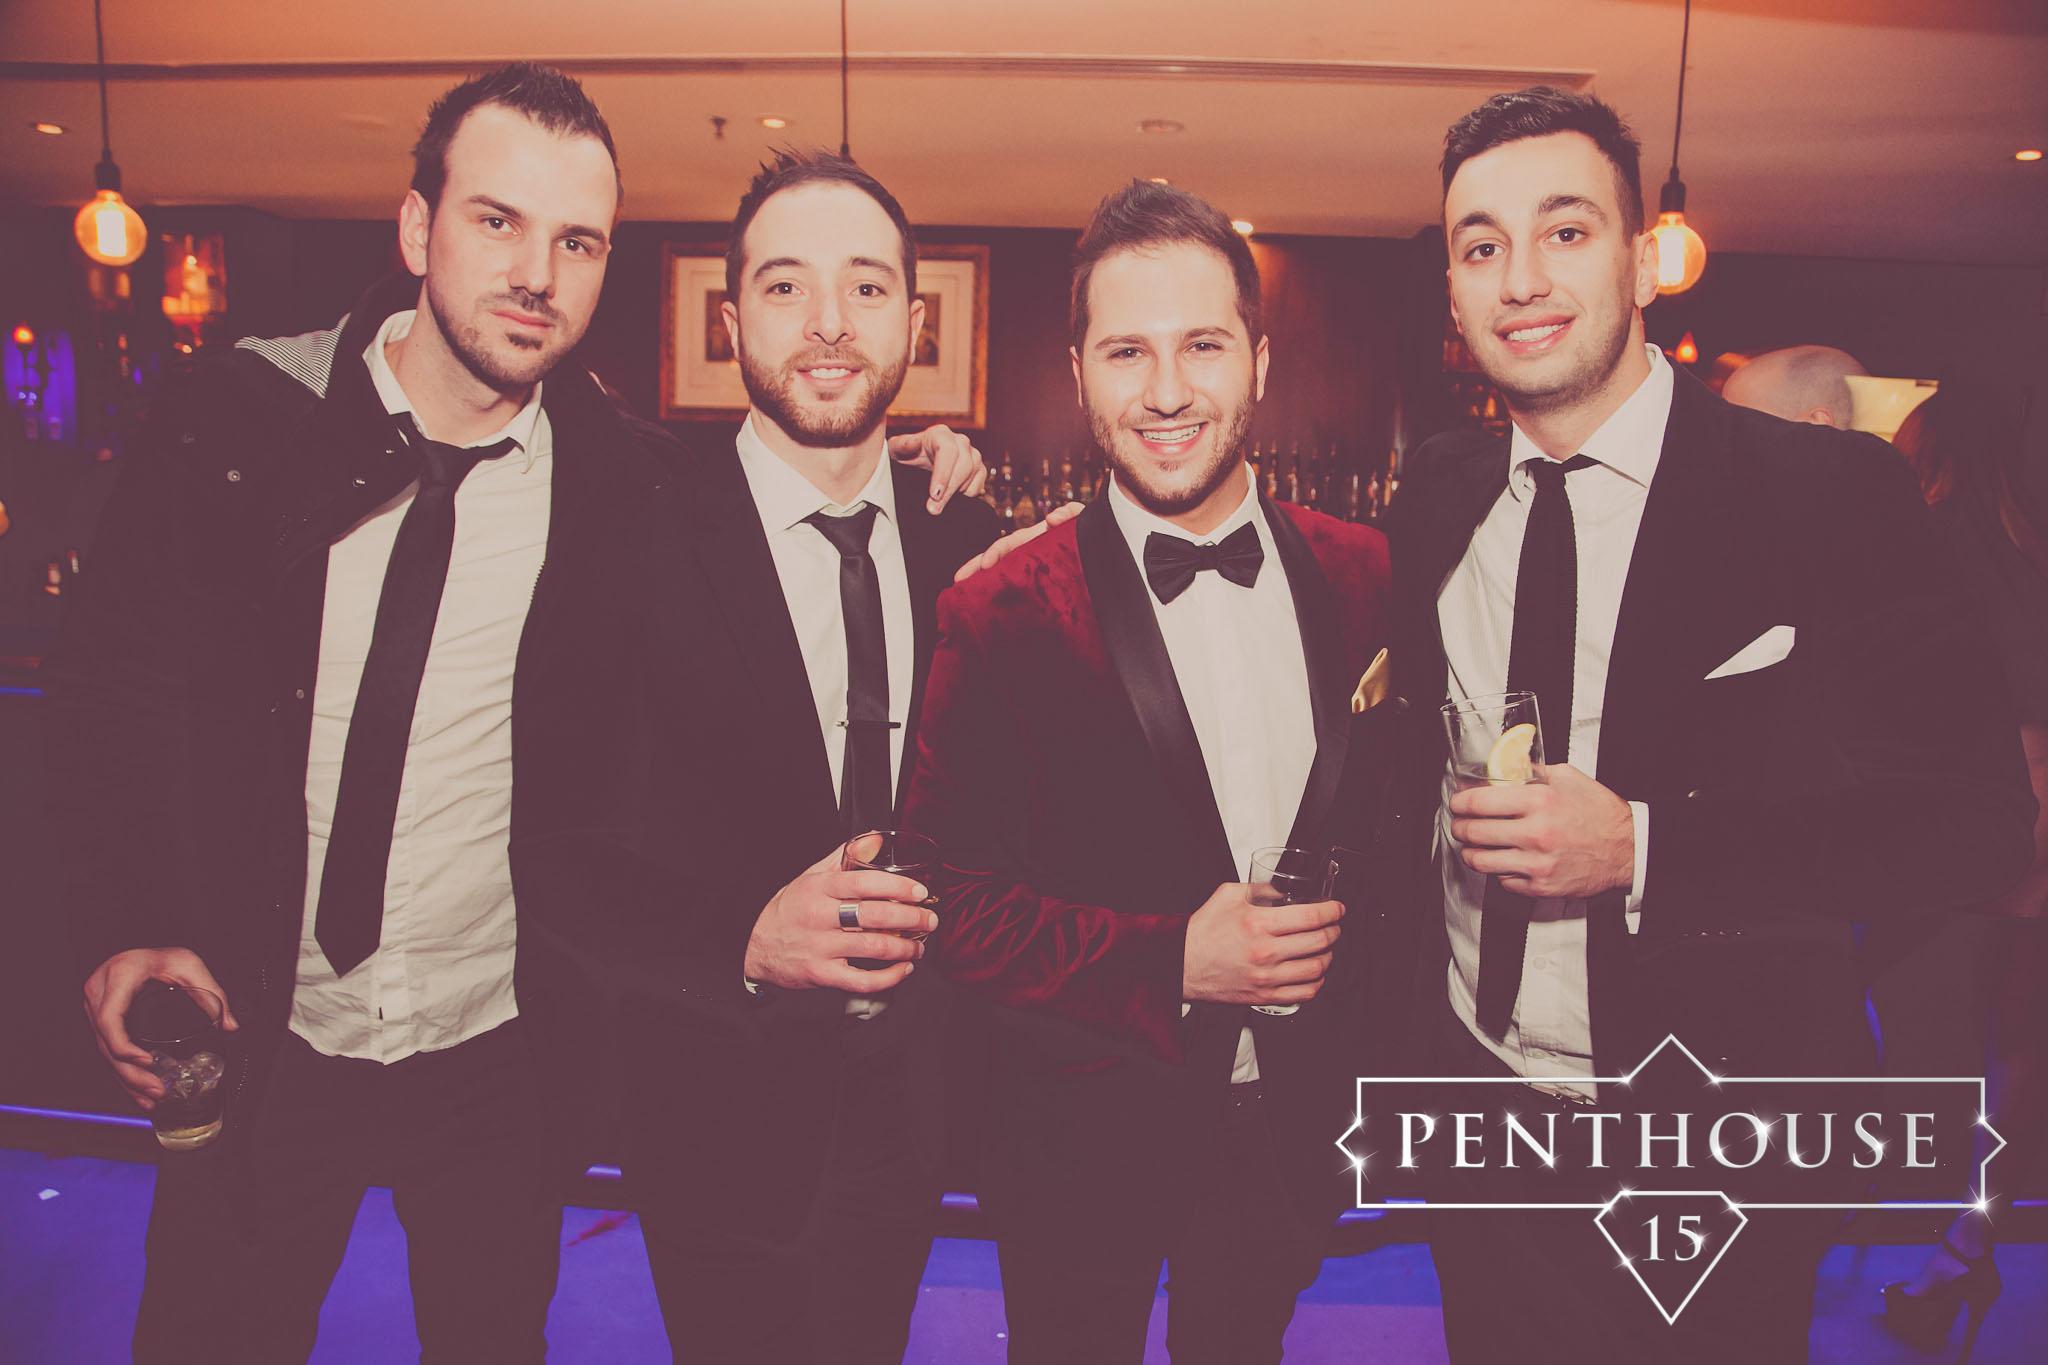 Penthouse_cream_0179.jpg